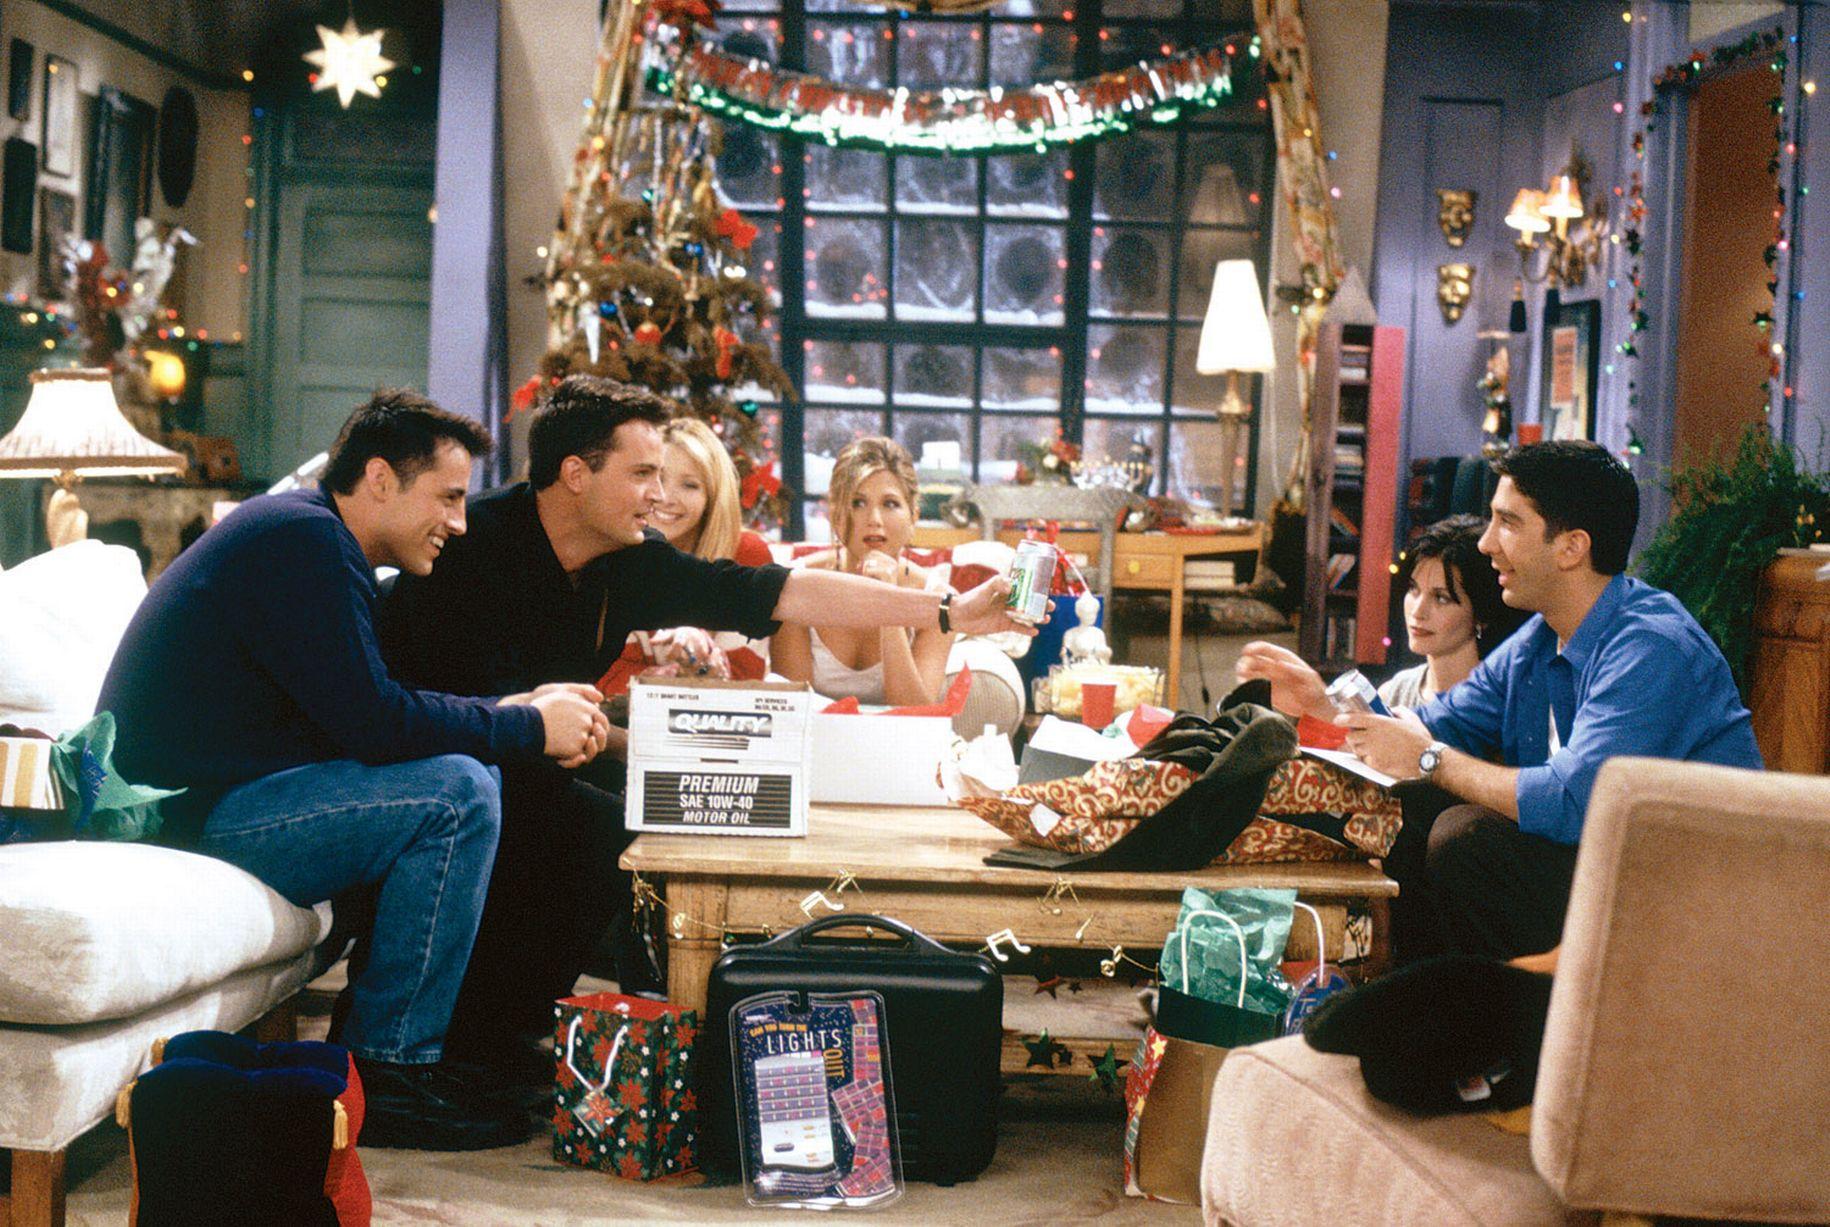 Cena de Friends em que os seis personagens principais estão sentados na sala entregando presentes; eles estão organizados em volta da mesa e ao fundo é possível ver a decoração natalina